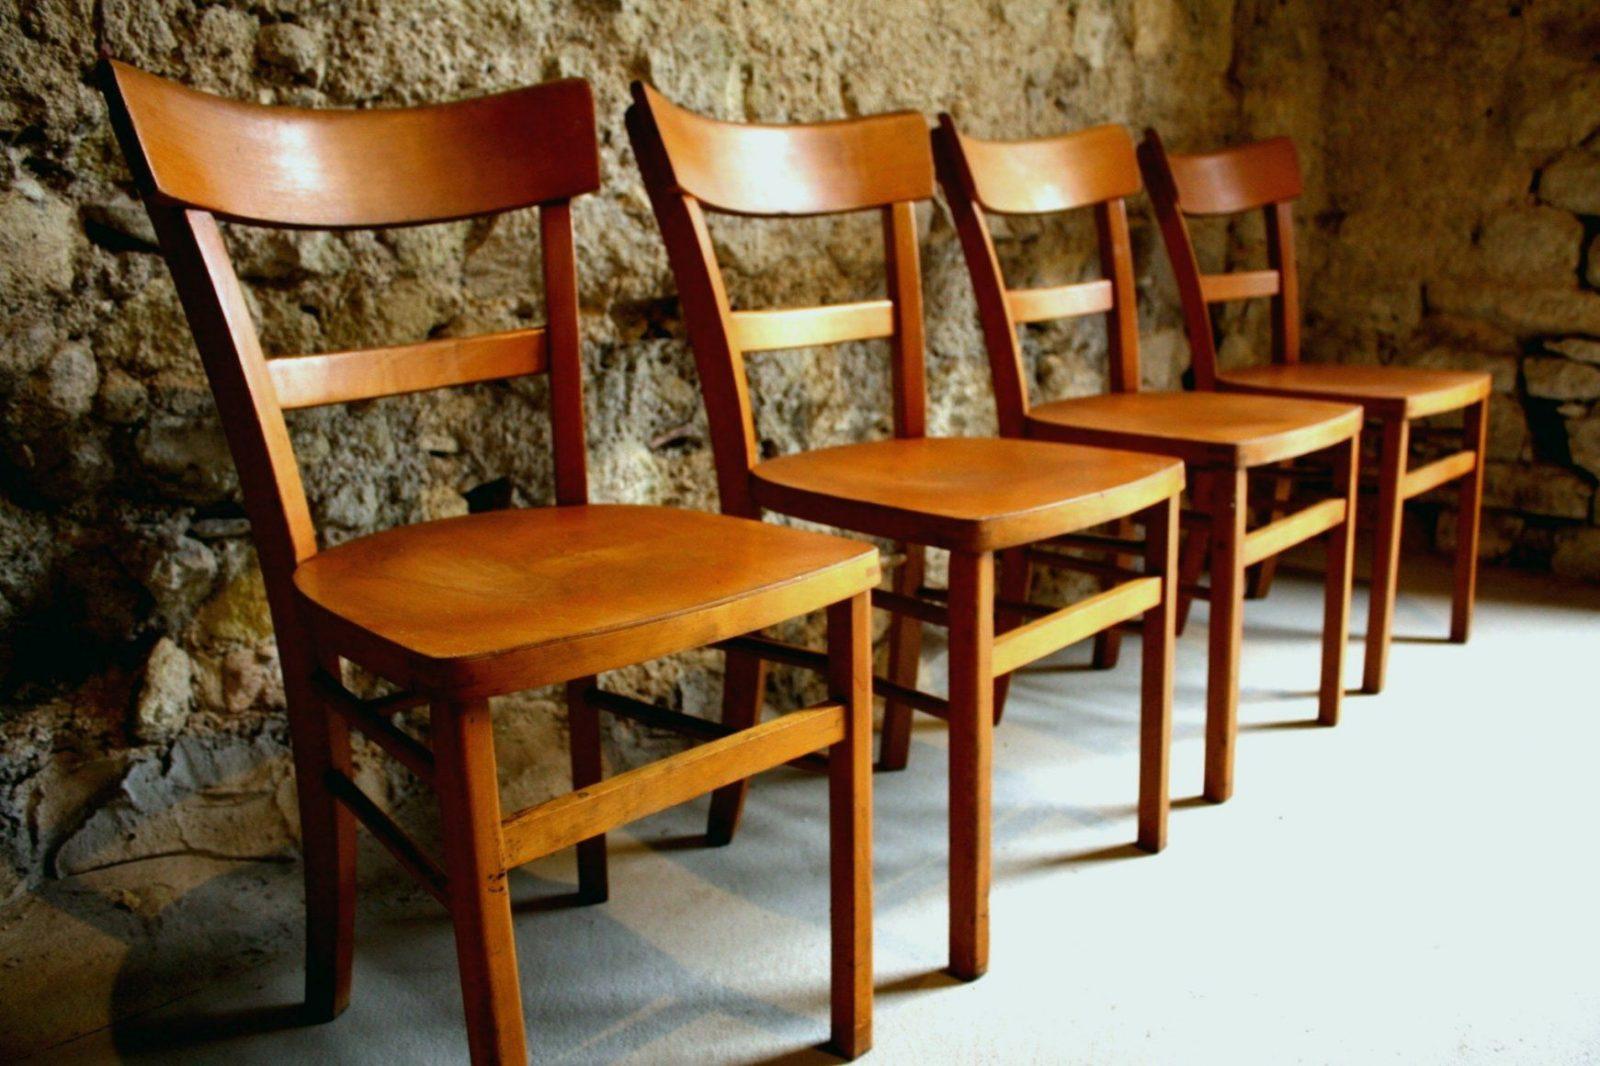 29 Gebrauchte Gastronomie Tische Und Stühle  Stuhl Ideen Für Haus von Stühle Für Gastronomie Gebraucht Photo